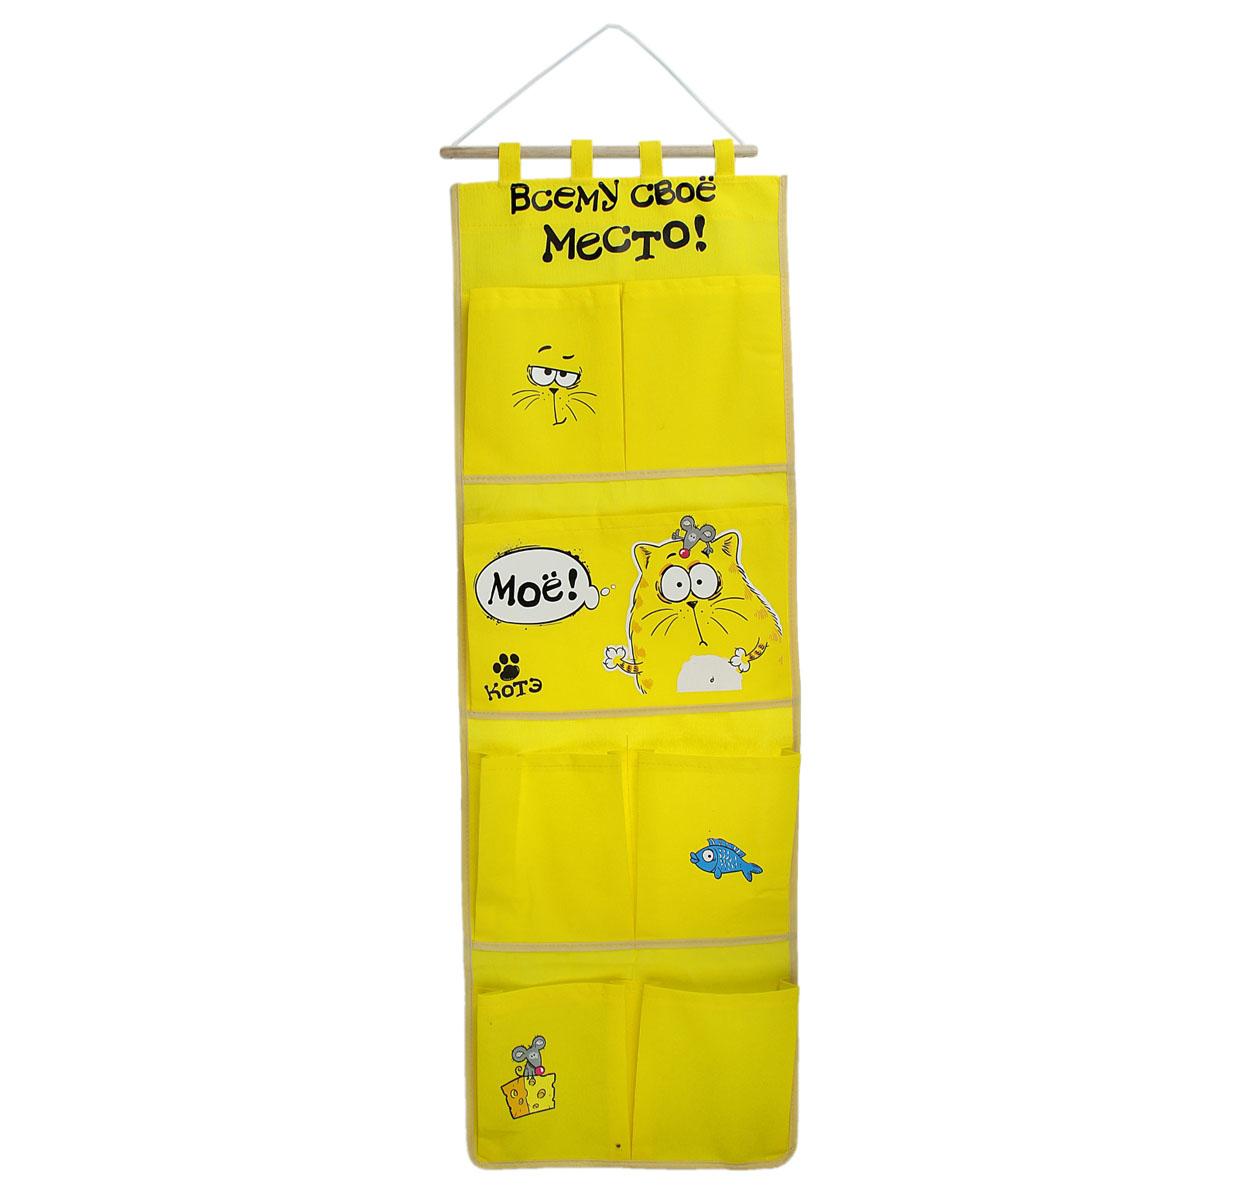 Кармашки на стену Sima-land Всему свое место!, цвет: желтый, 7 шт кармашки на стену для бани sima land банные мелочи цвет белый 3 шт